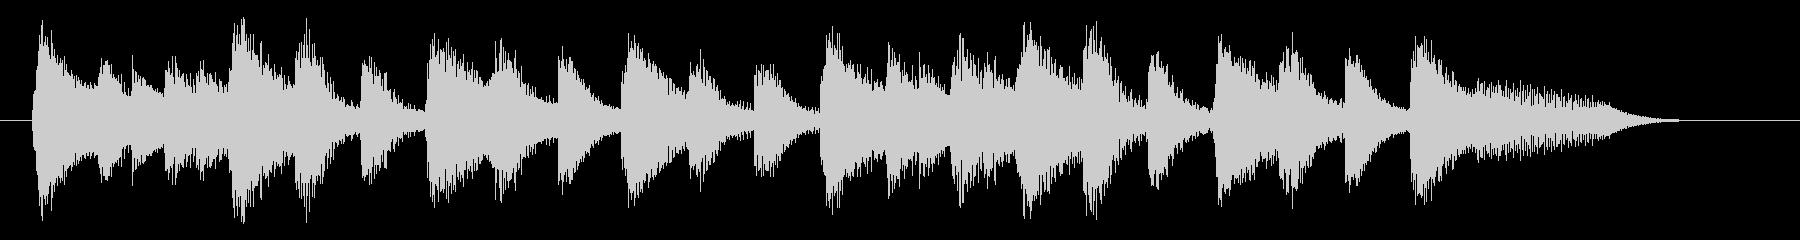 明るく落ち着いたピアノジングル 三拍子の未再生の波形